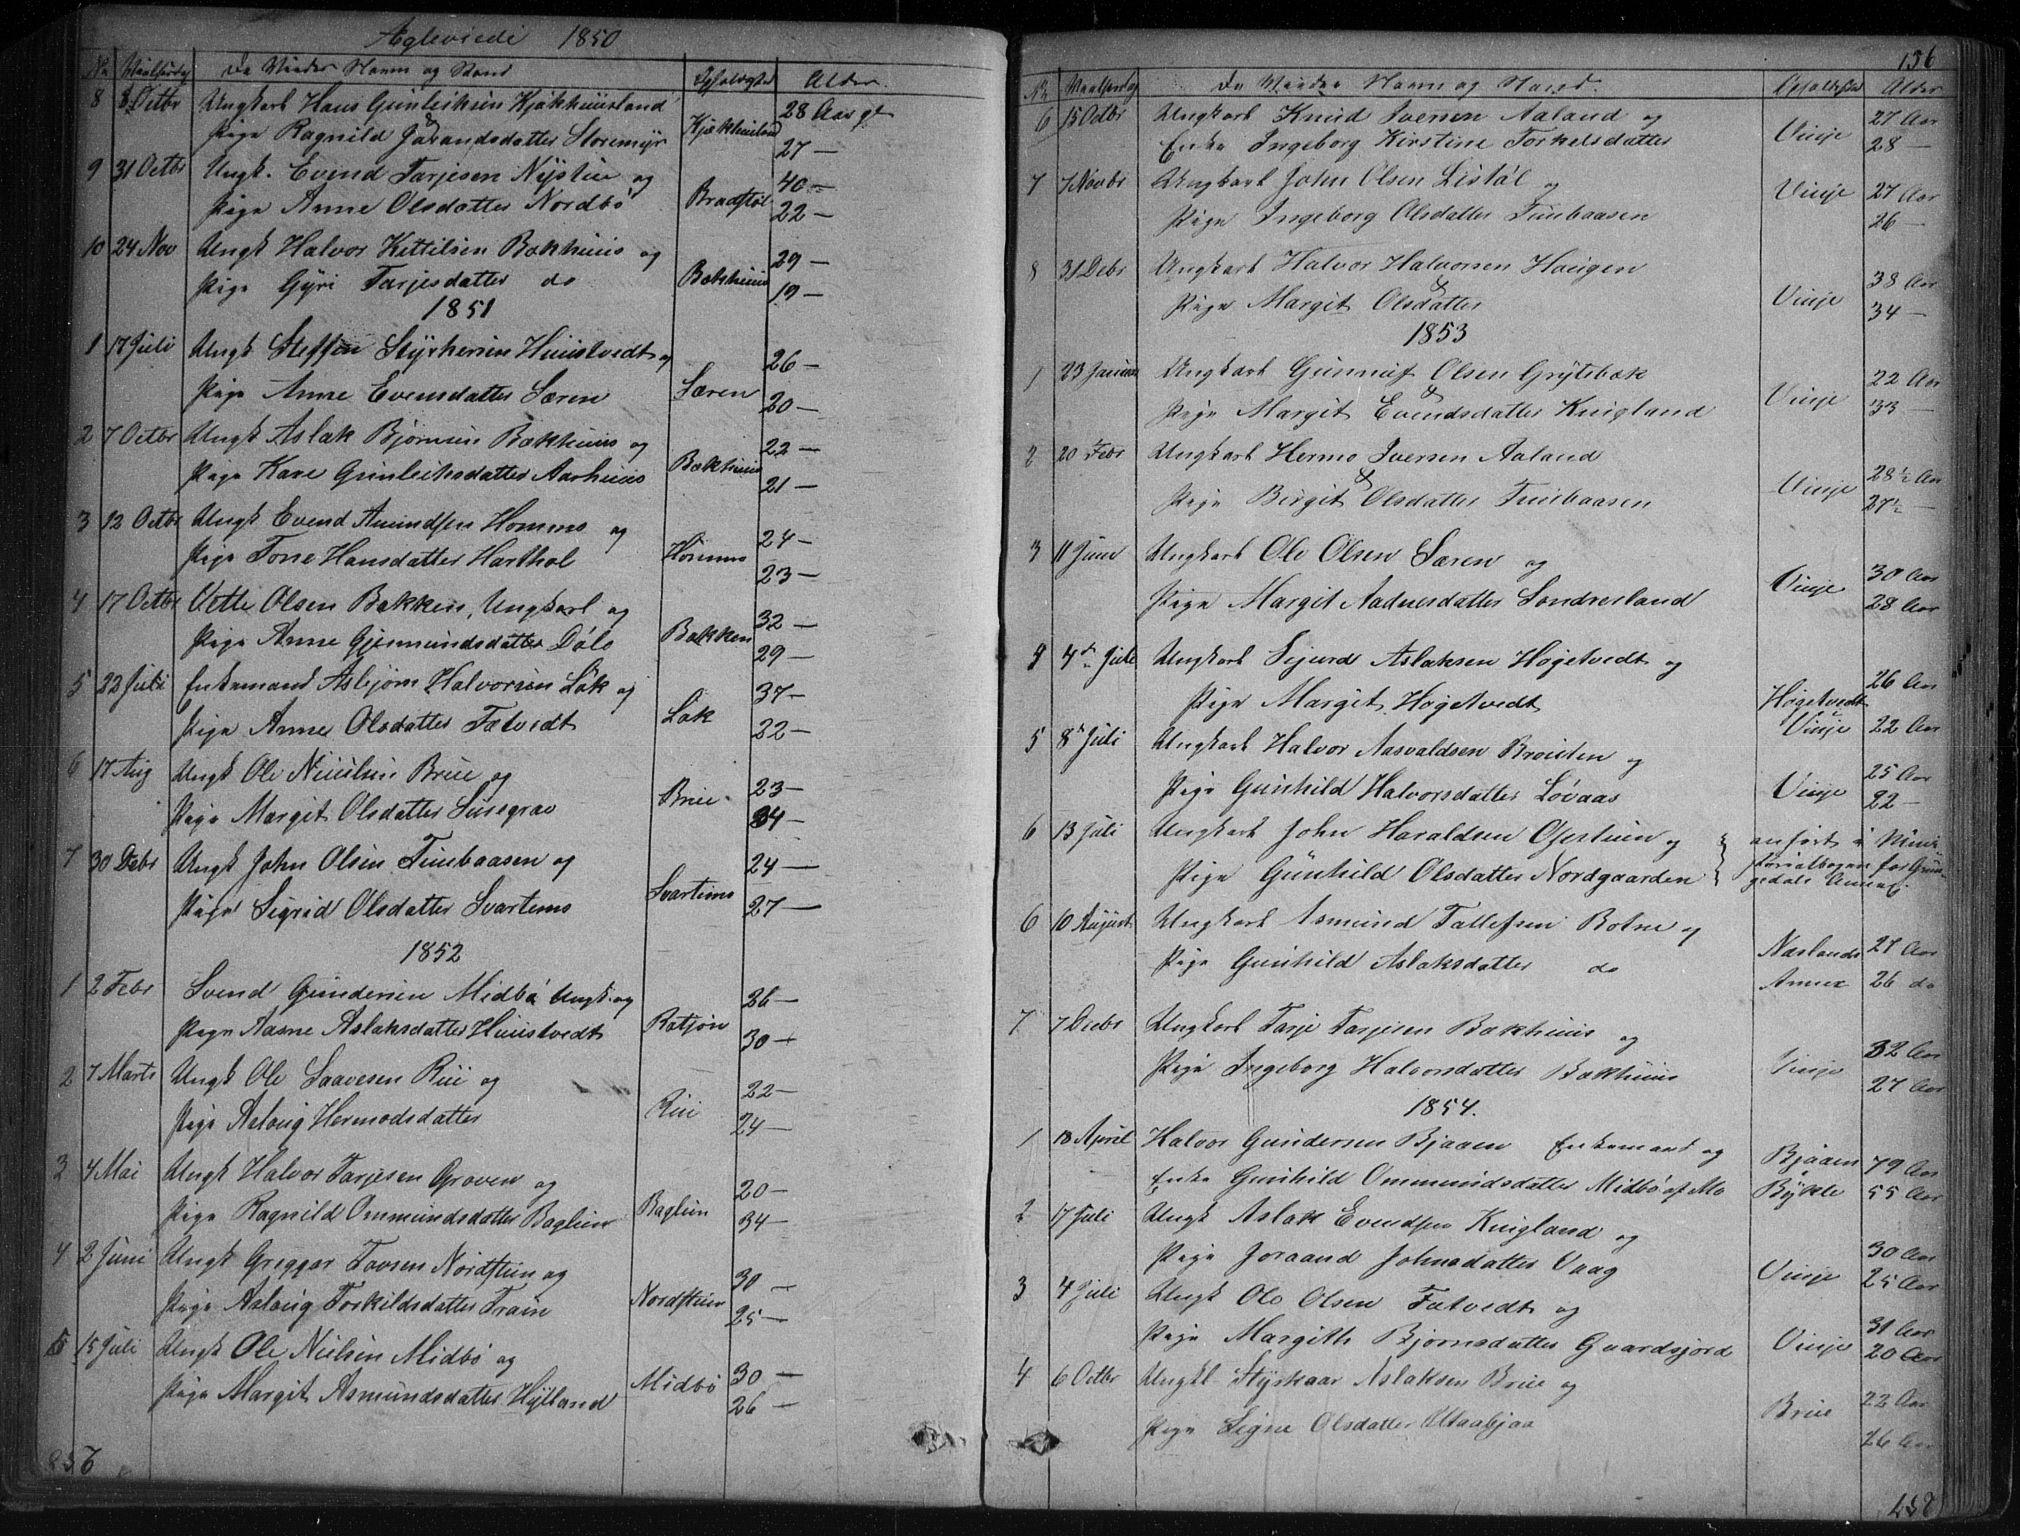 SAKO, Vinje kirkebøker, G/Ga/L0002: Klokkerbok nr. I 2, 1849-1893, s. 156